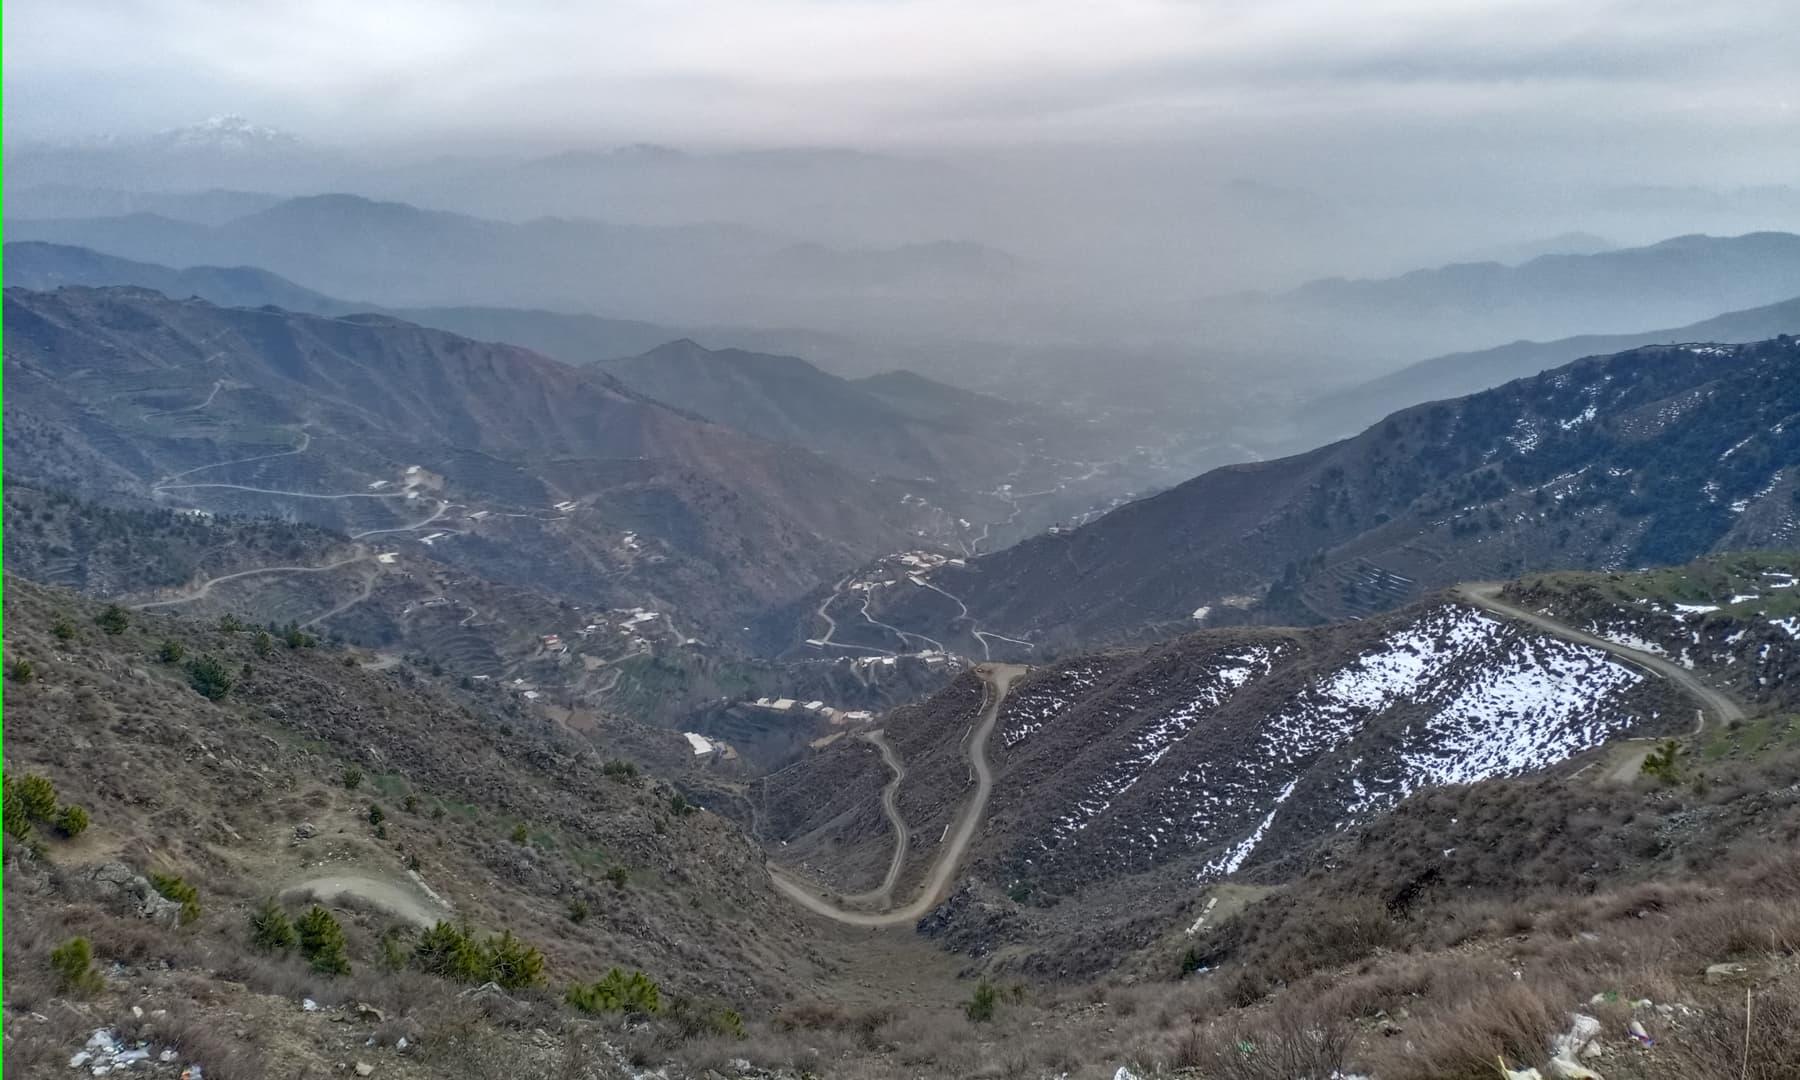 ٹاپ سے بونیر، سوات کی بلند چوٹیاں اور اس کے درمیان موجود سوات ایکسپریس وے کا خوبصورت نظارہ—عظمت اکبر